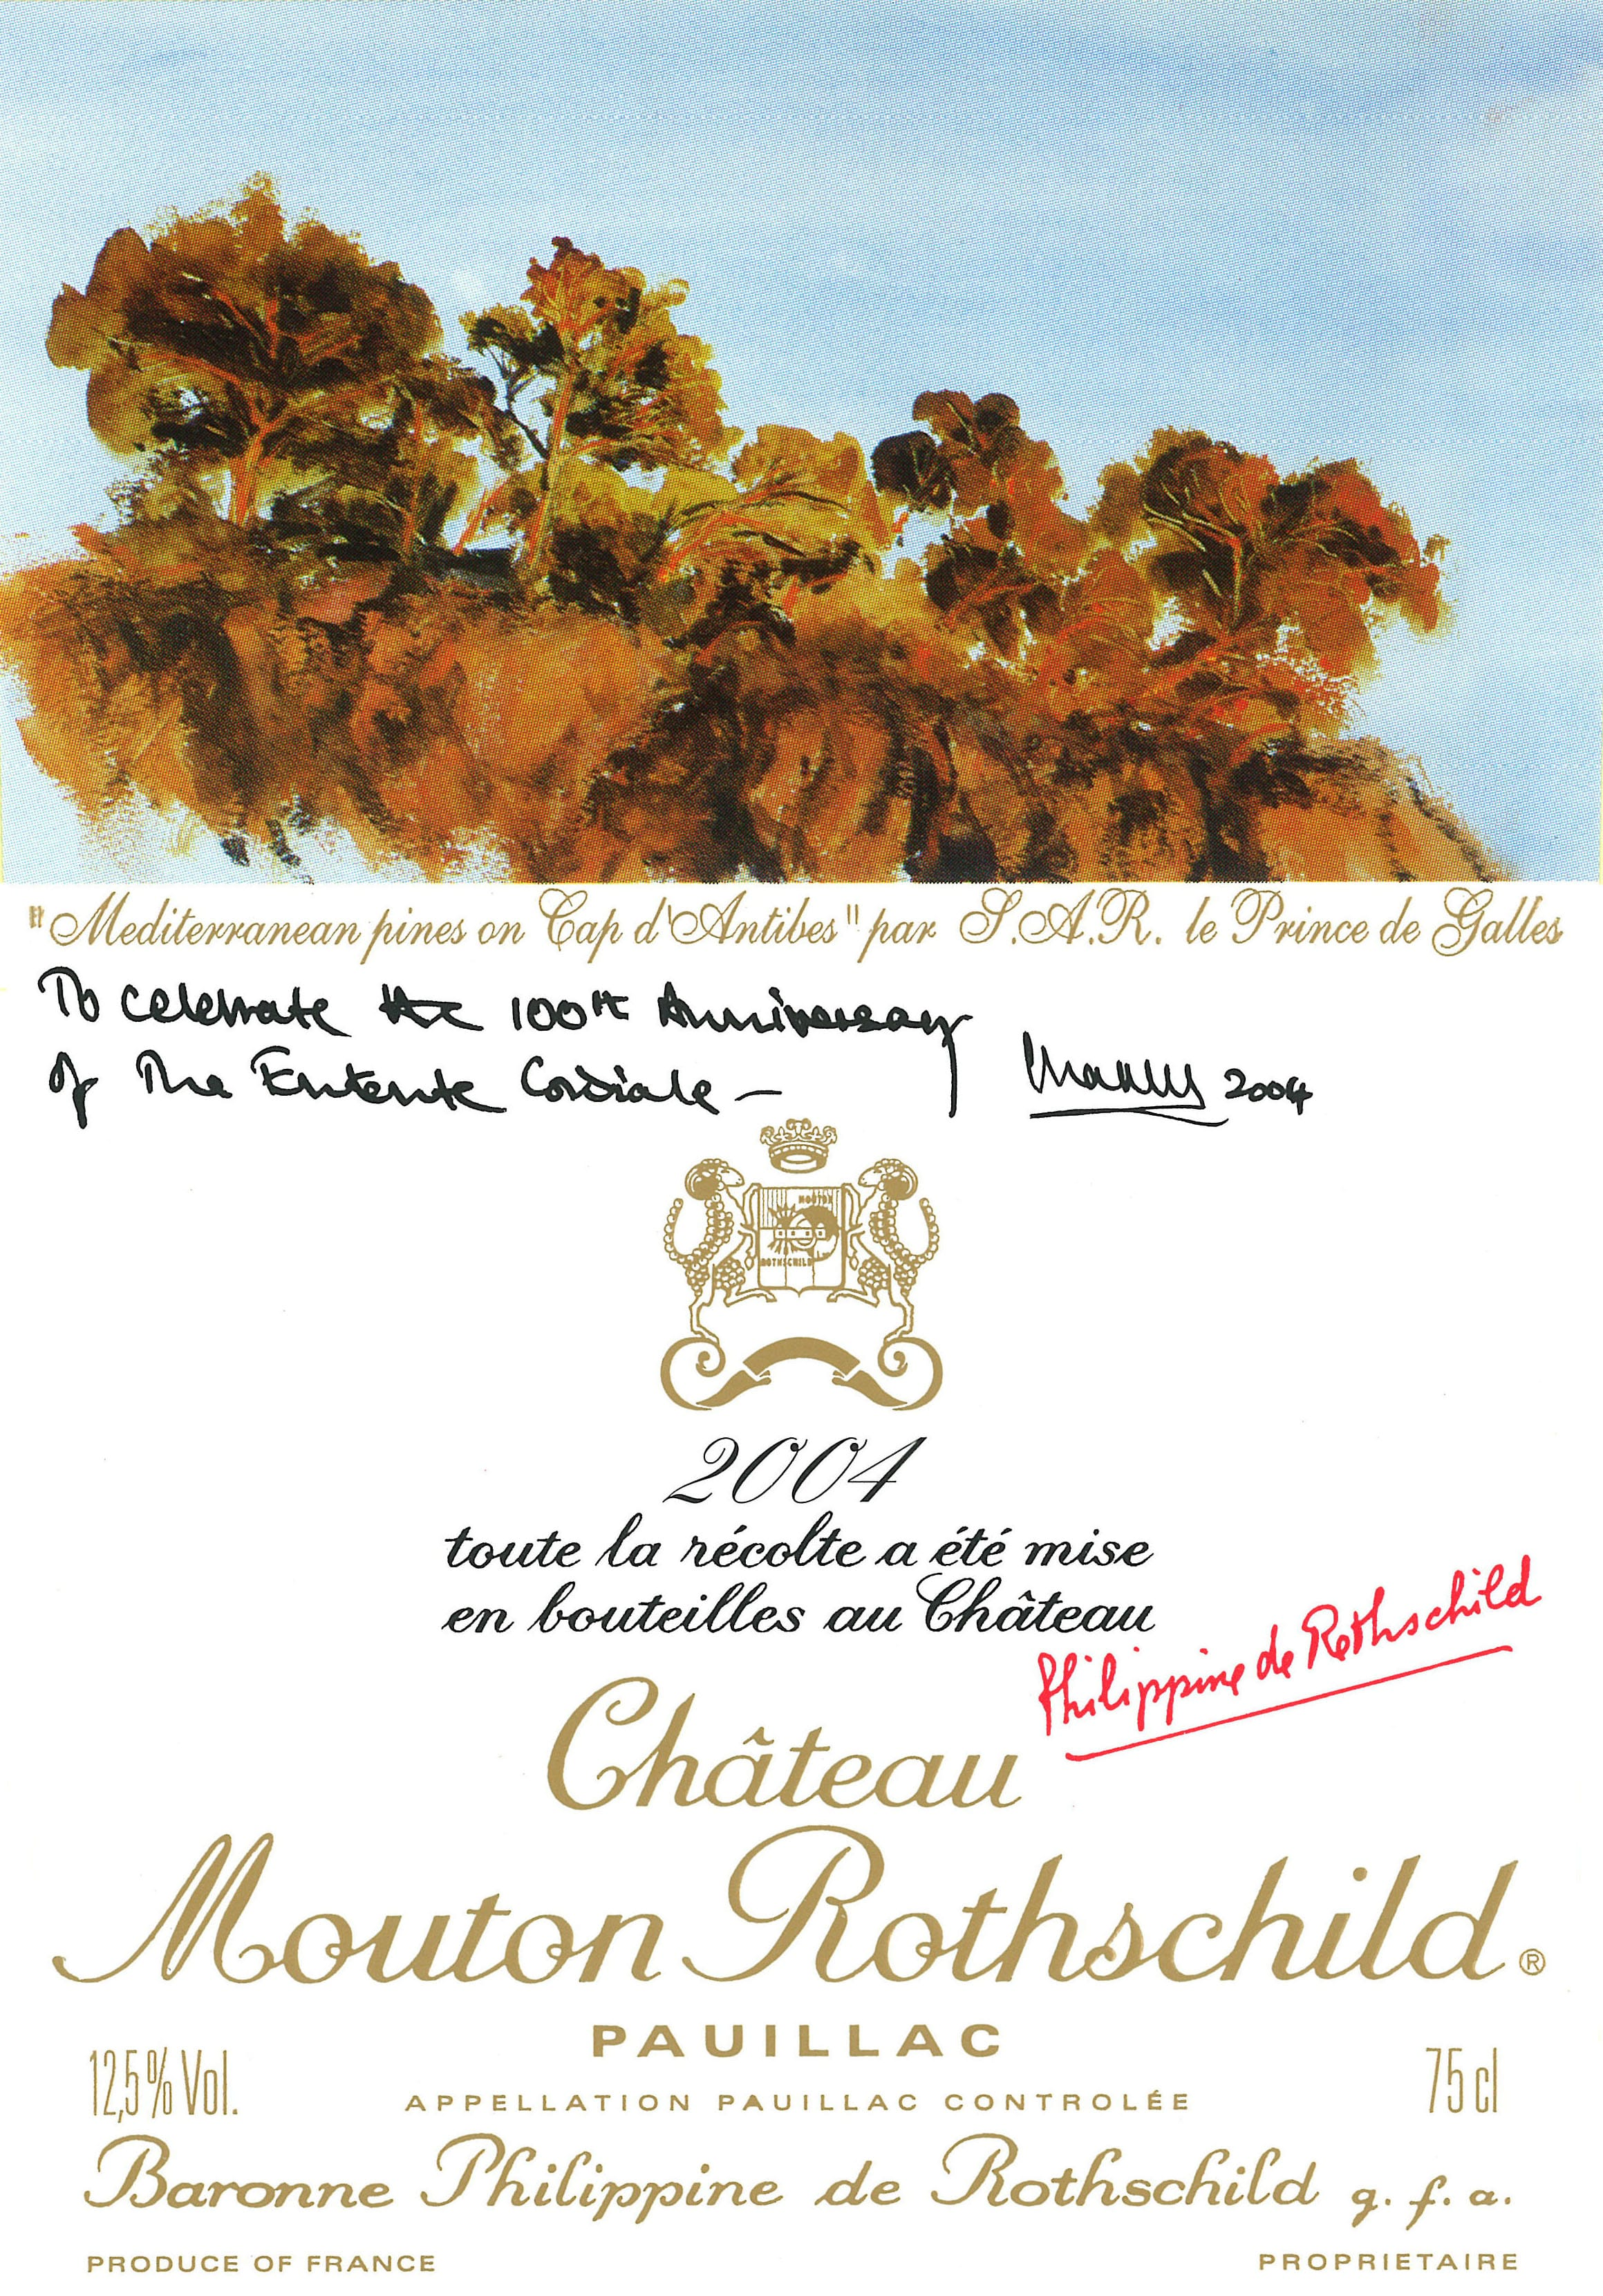 étiquette de Mouton-Rothschild par le Prince Charles en 1975